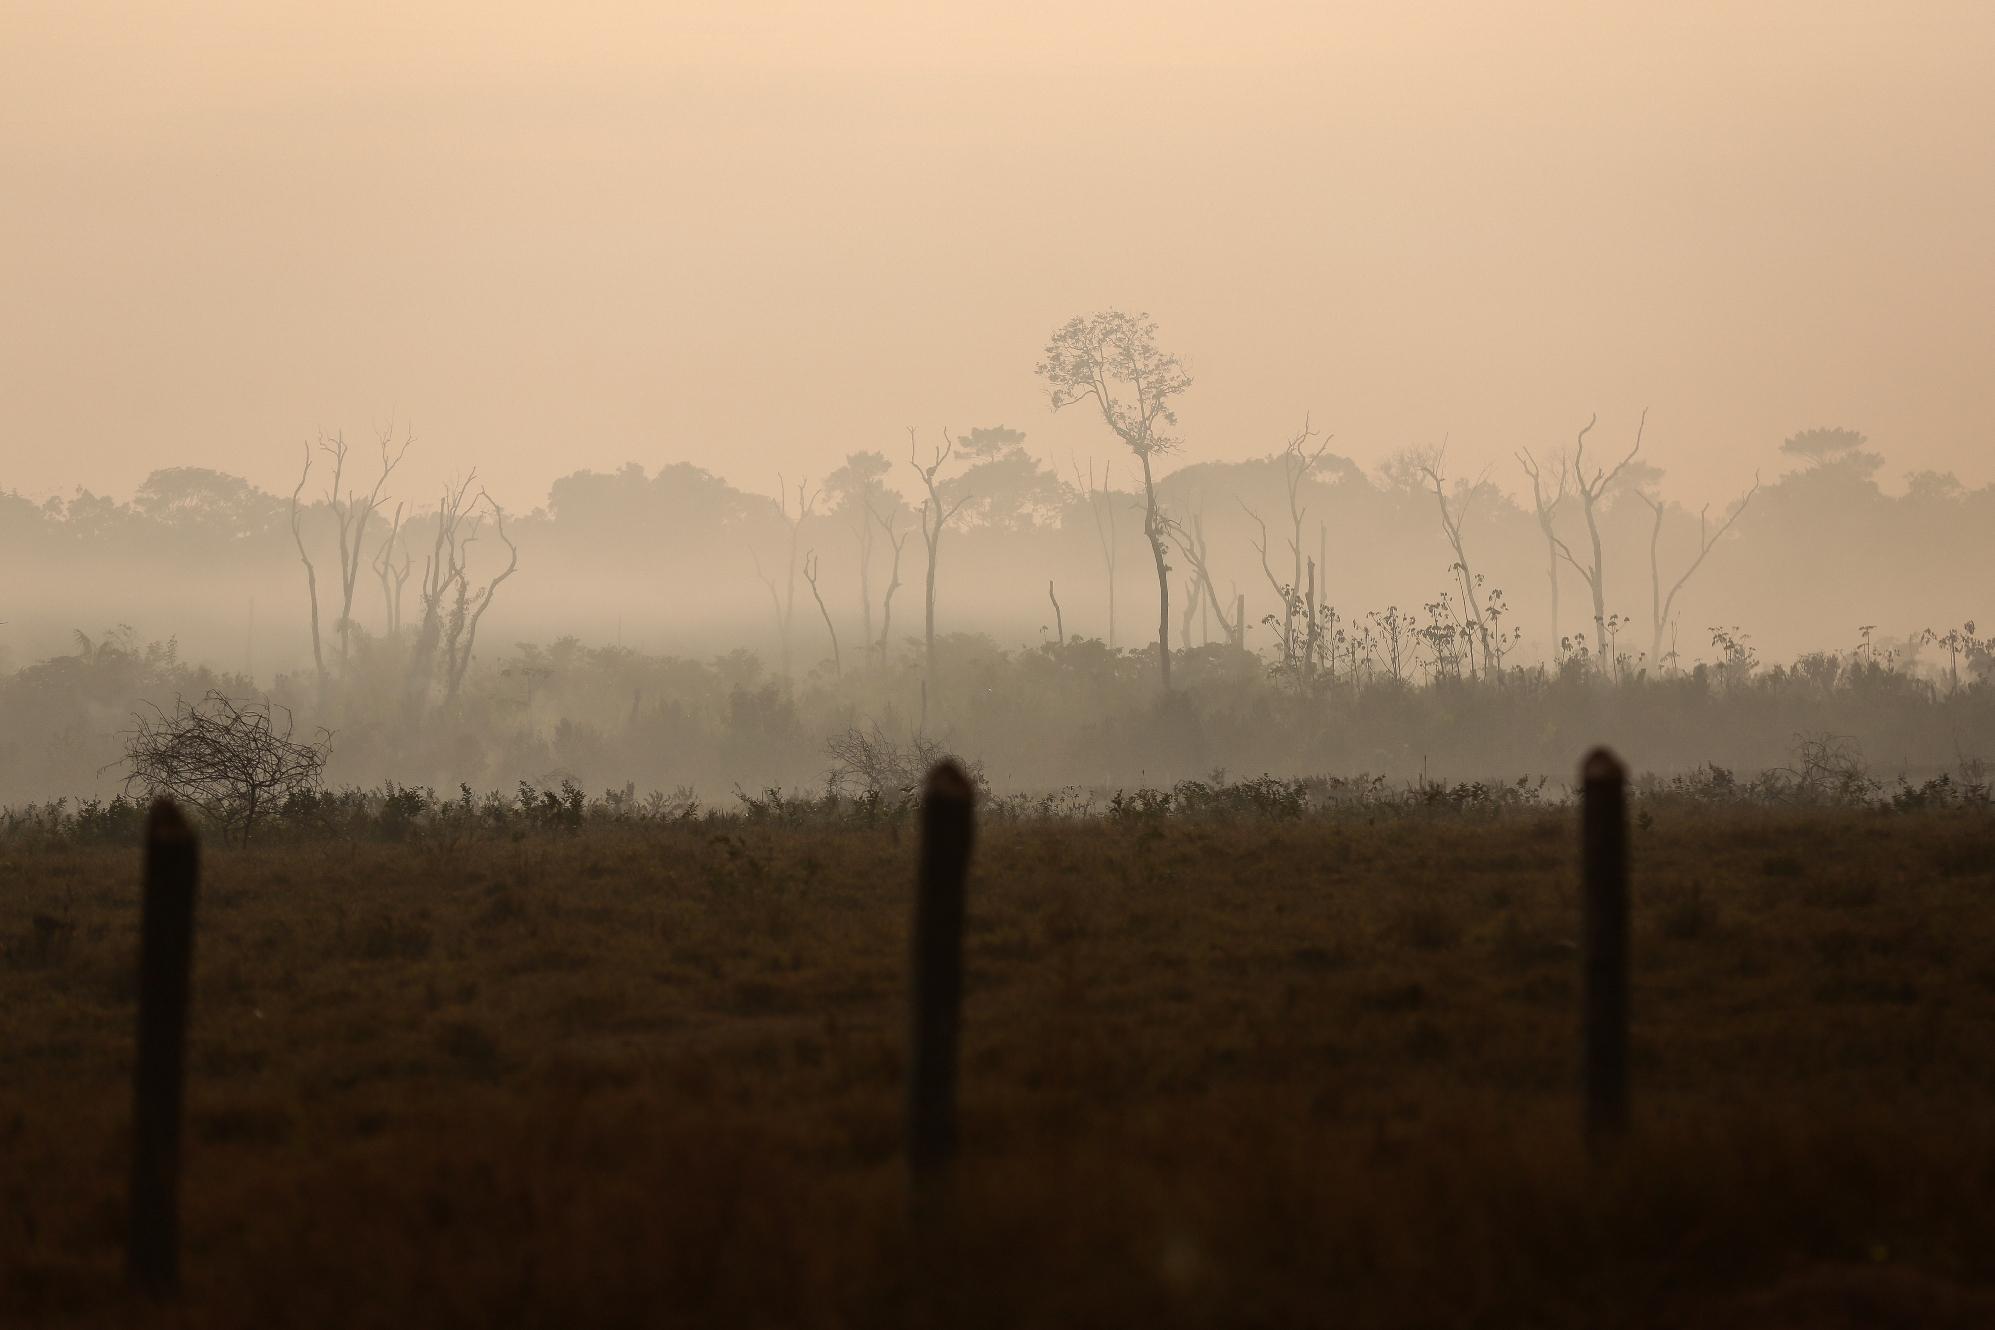 Sustentabilidade da agricultura na Amazônia – 12: Serviços ambientais como prioridade